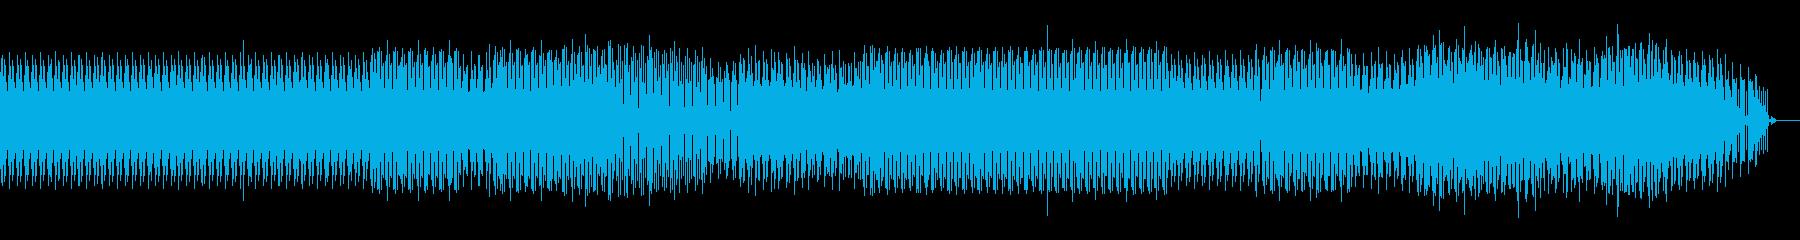 遅い暗めなハウスの再生済みの波形